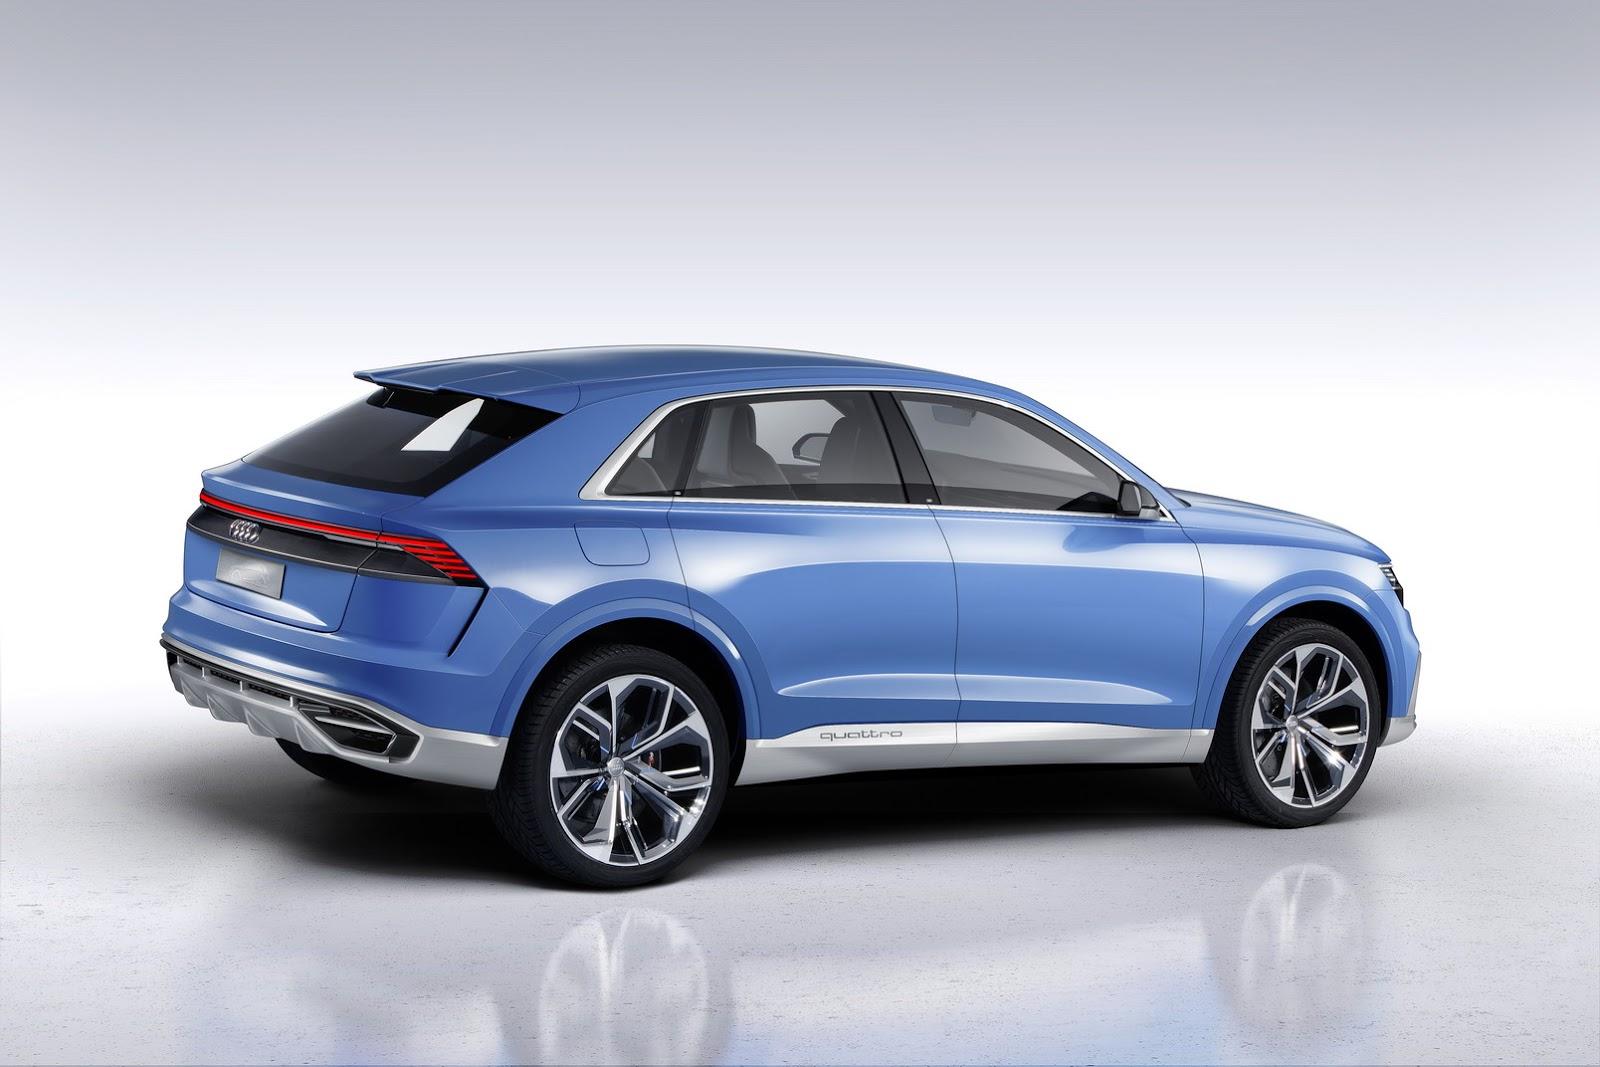 Audi_Q8_concept_07